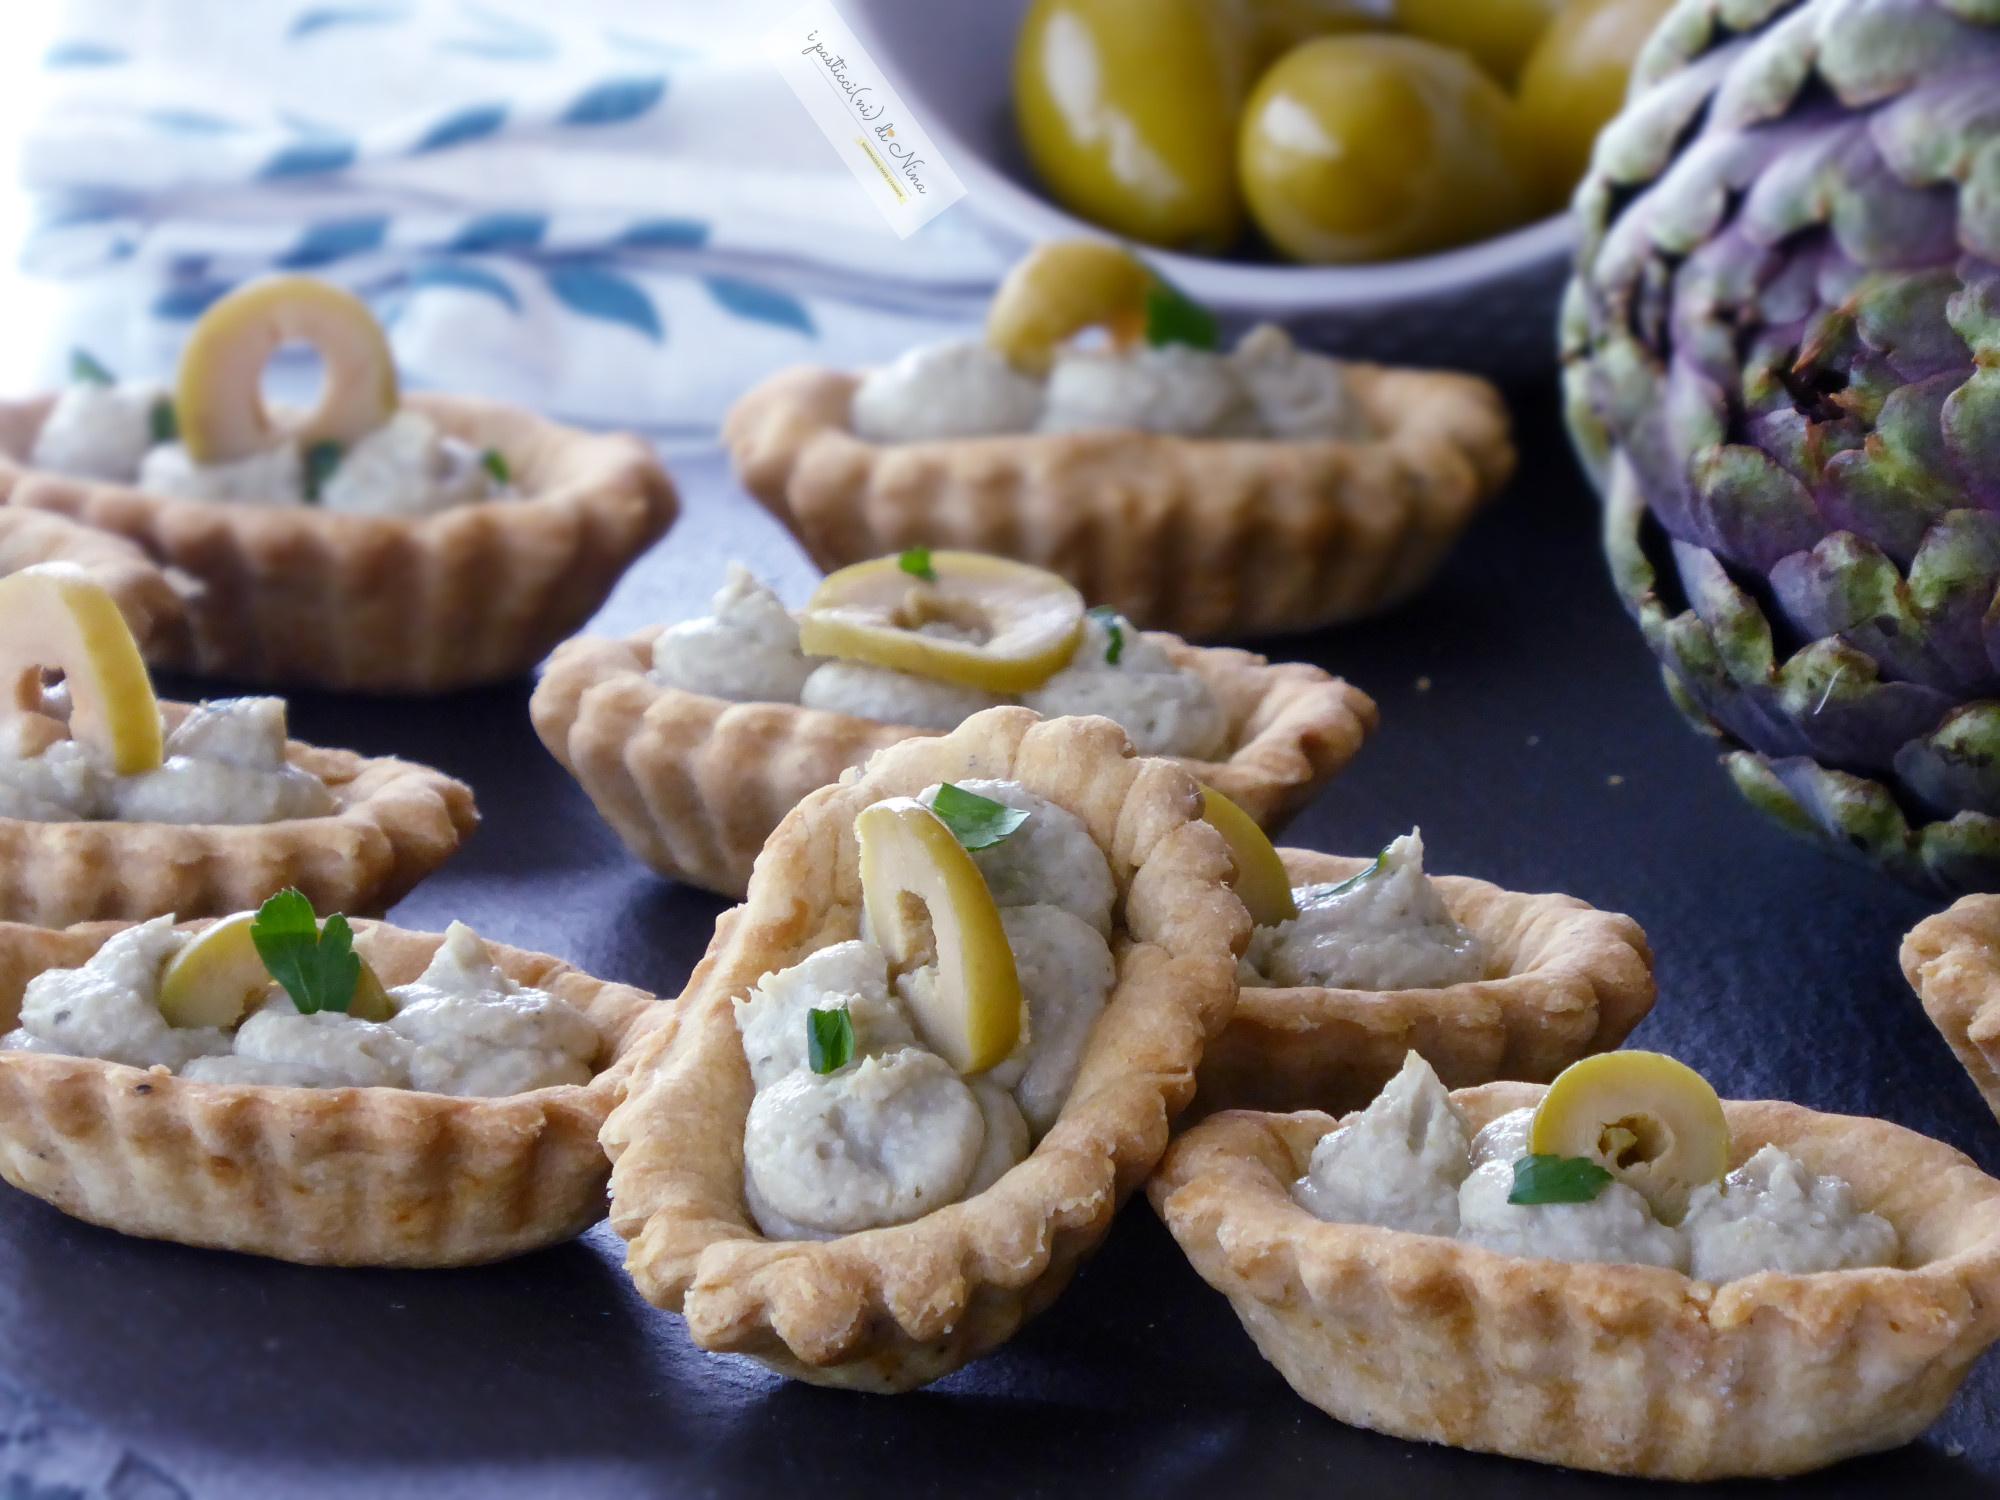 barchette di frolla salata con mousse di carciofi e olive verdi